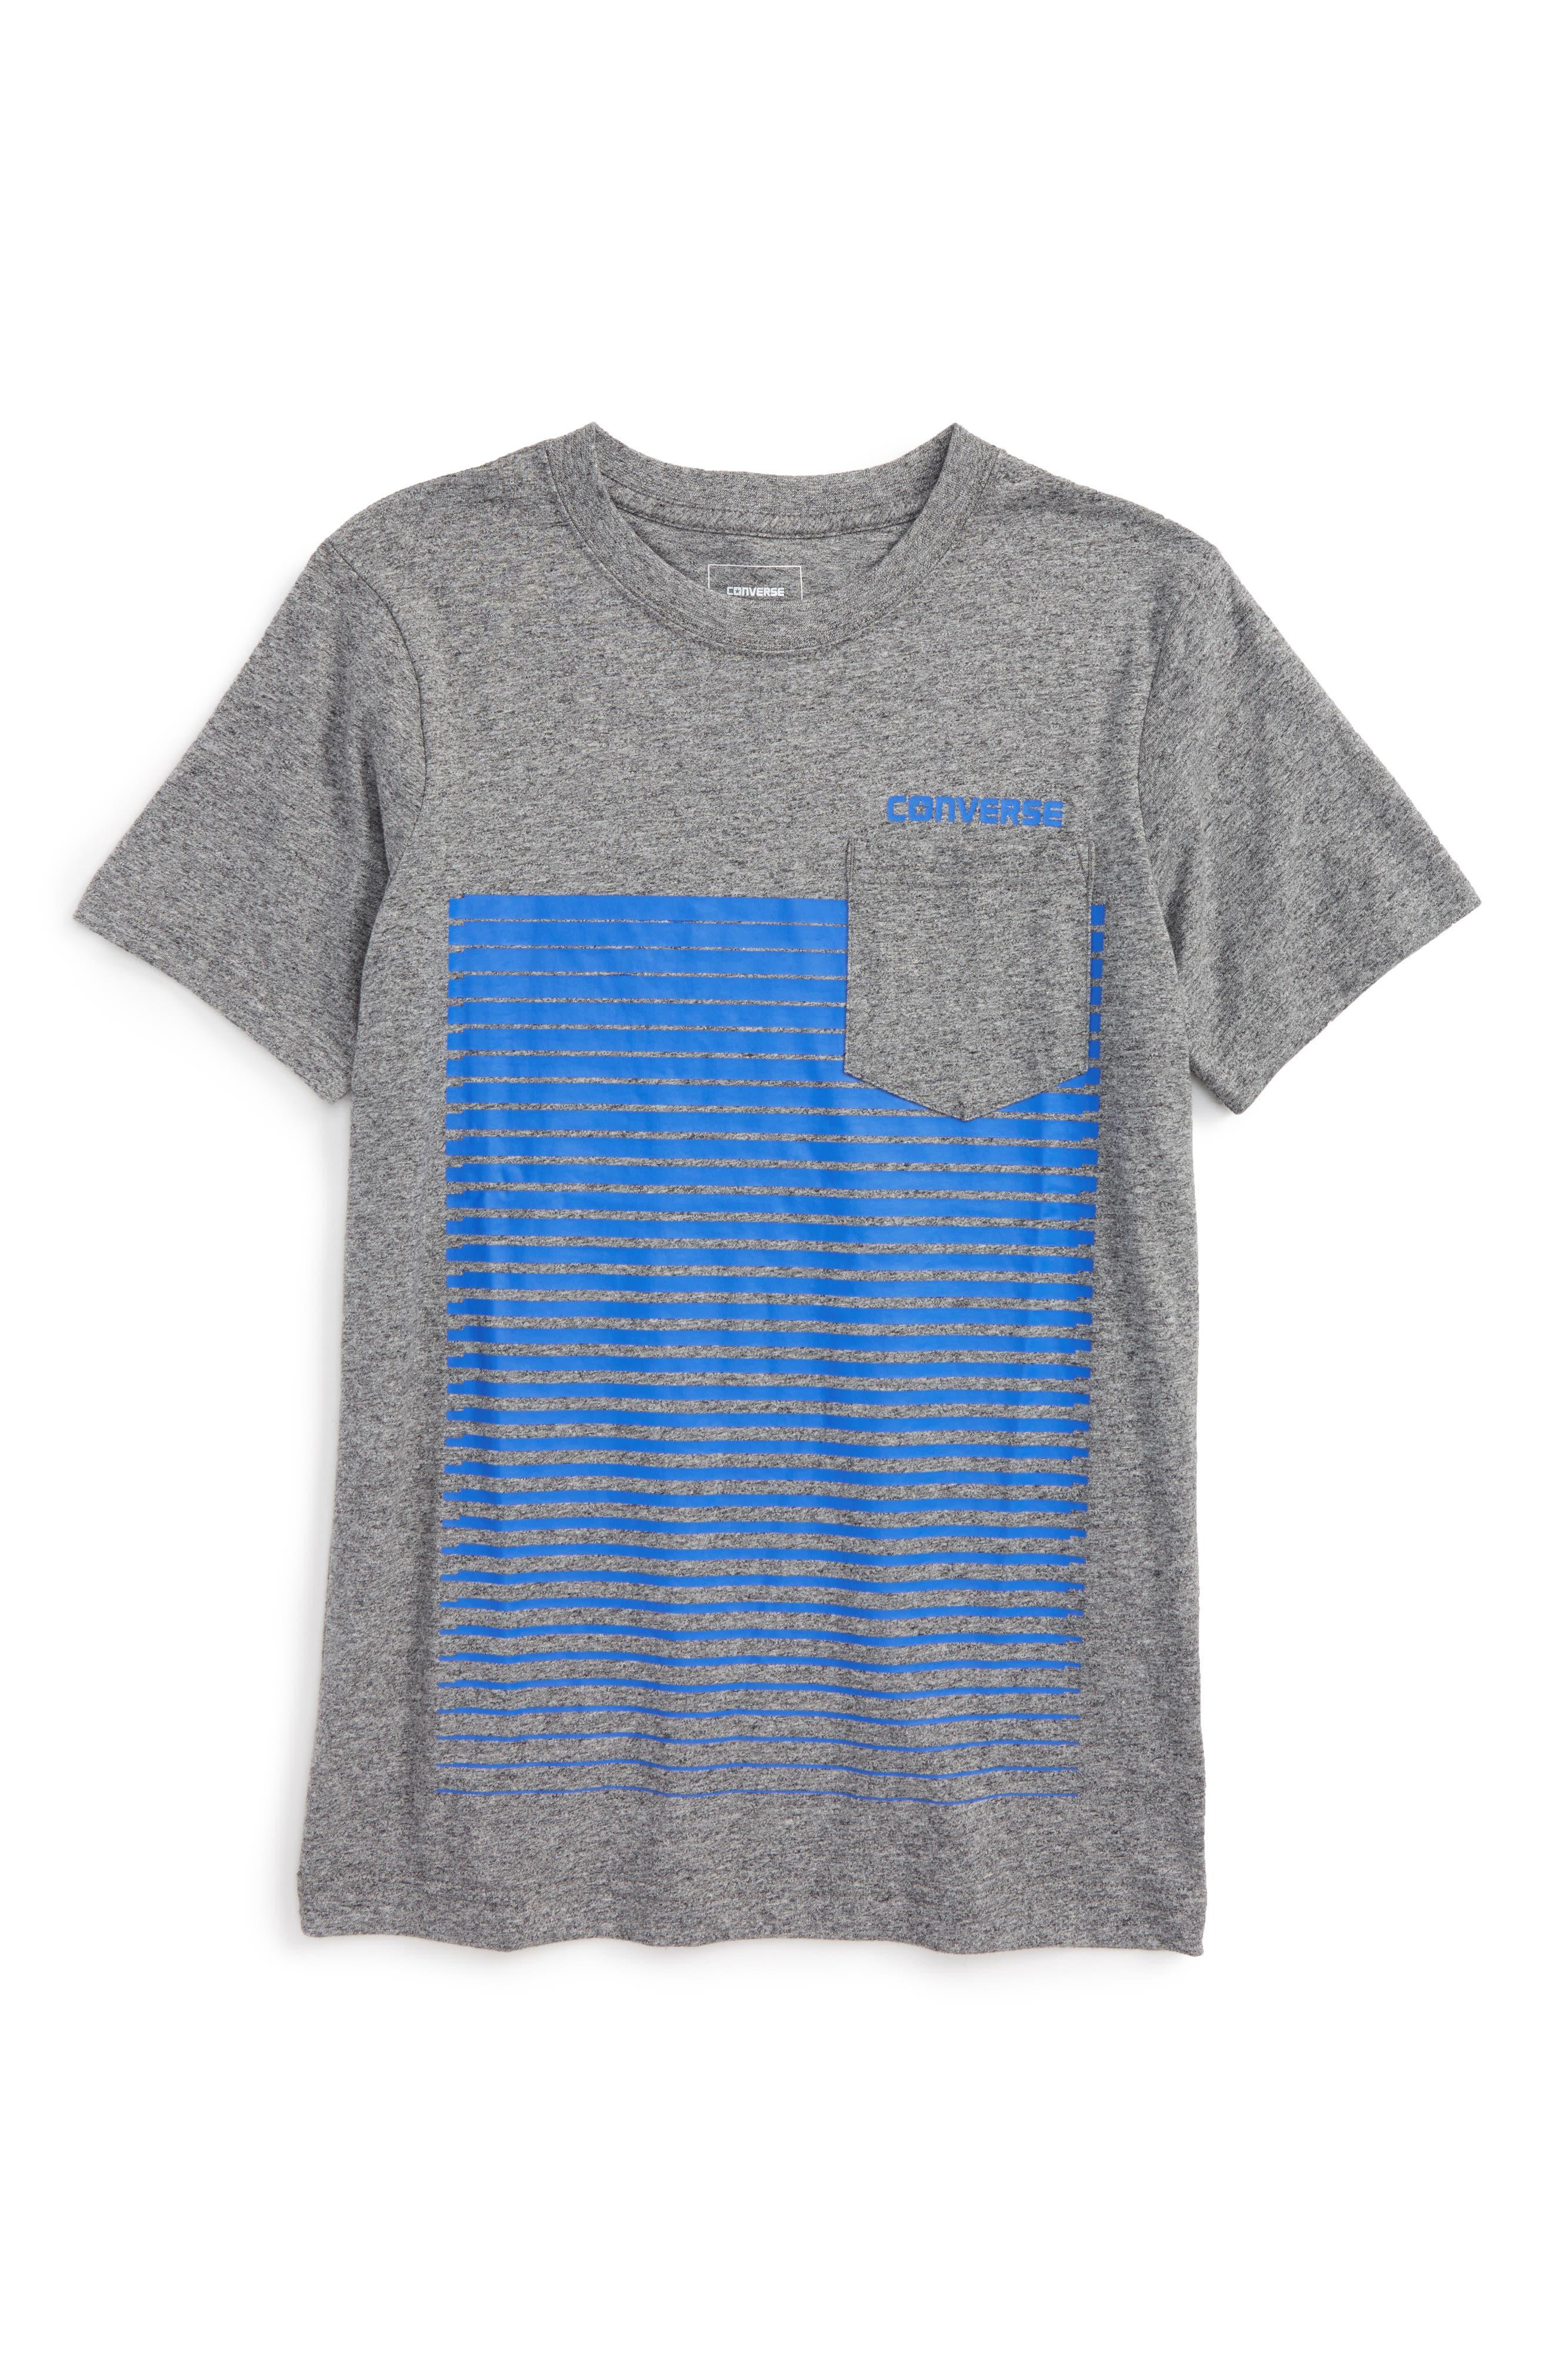 Converse Linear Ombré Pocket T-Shirt (Big Boys)